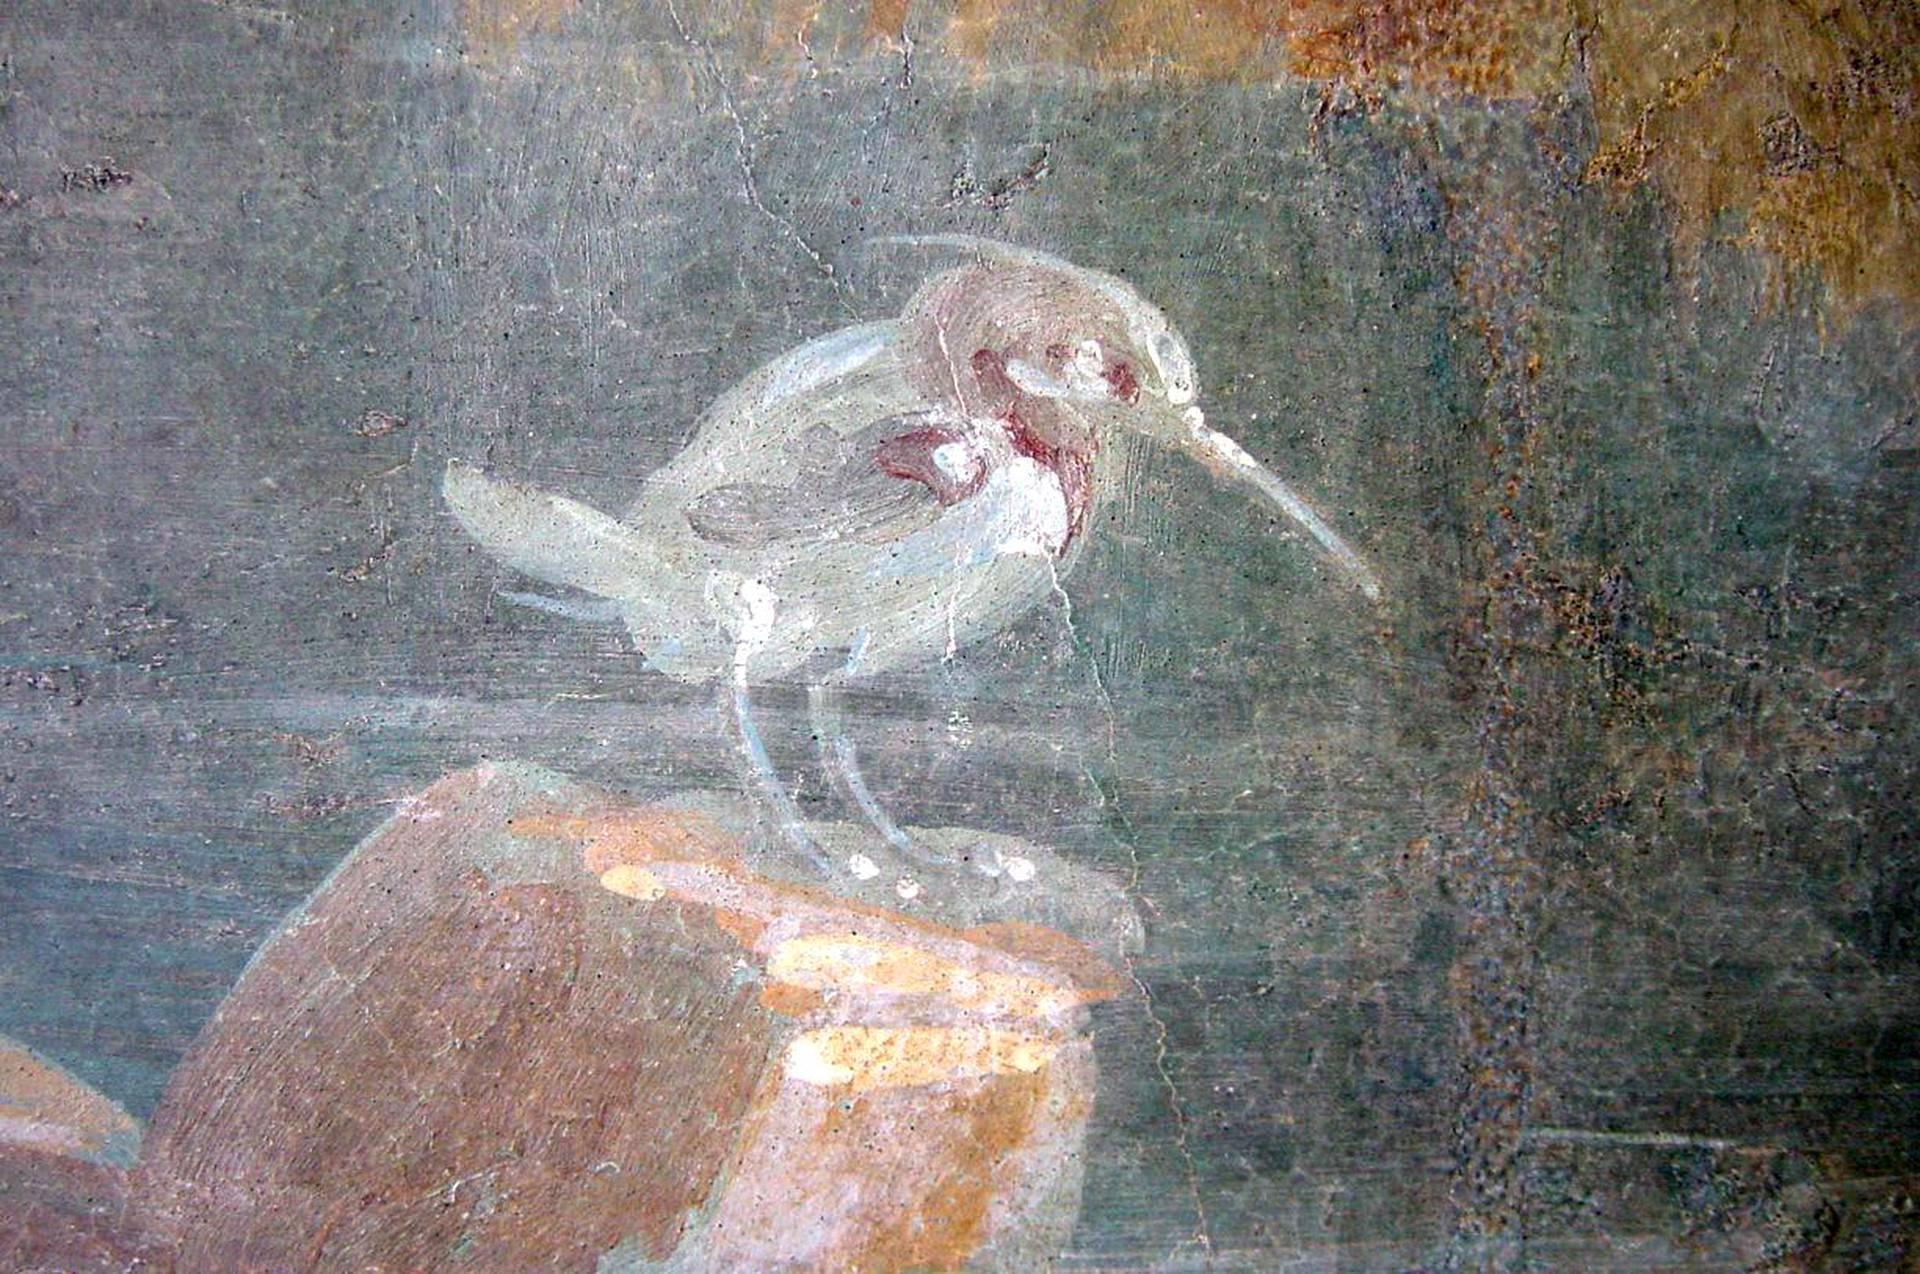 Kuva 7: Smyrnankalastaja (Halcyon smyrnensis) Pompejin Isiksen temppelin (Tempio d'Iside VII,7,28) IV tyylin seinämaalauksessa nk. sakraali-idyllisessä maisemassa, joka esittää luultavasti Isis-jumalattaren temppeliä Niilin varrella (nyk. Napolin arkeologisessa kansallismuseossa MANN 8570).[Tilan salliessa?] Tämä smyrnankalastaja on lajinsa ainoa seinämaalauksissa määritettävissä oleva yksilö. Lajin harvinaisuus seinämaalauksissa ja sen levinneisyys itäisellä Välimerellä viittaavat siihen, että tämän linnun maalannut maalari oli opetellut aiheistonsa maalaamisen hellenistisperäisen idän taidekeskuksissa.